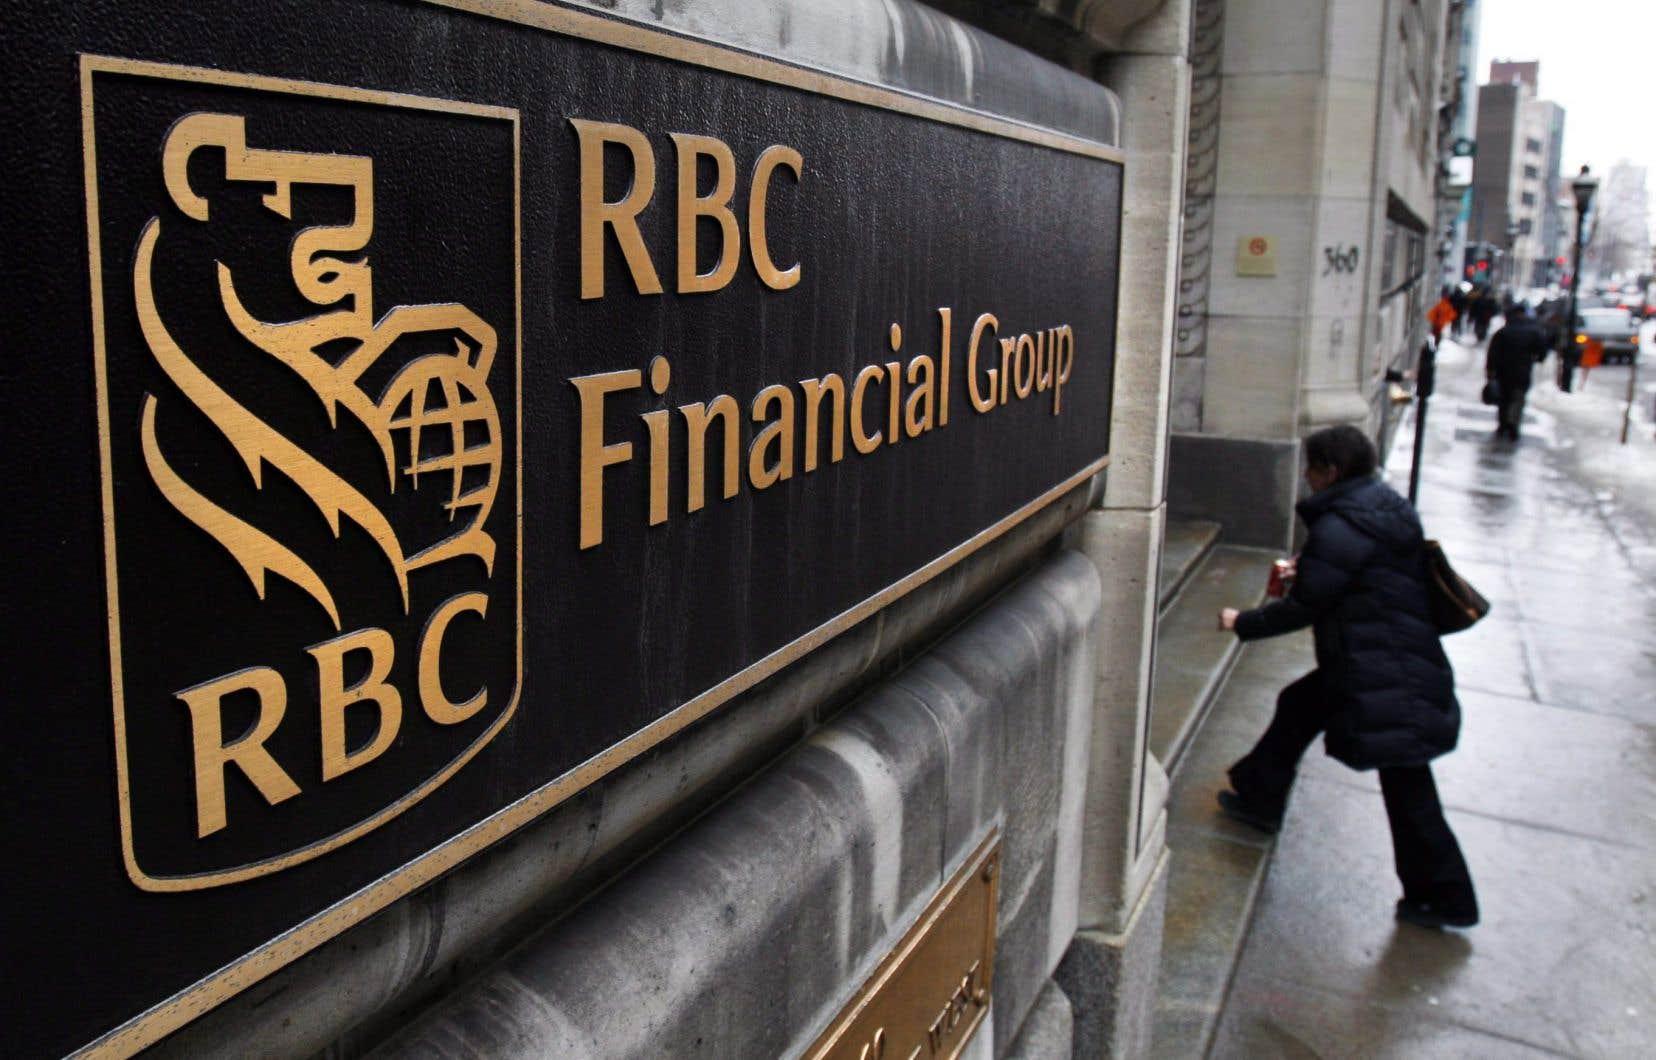 La plus grande banque du pays a enregistré de solides revenus dans ses divisions de services bancaires aux particuliers et aux entreprises et de services d'assurance au cours du trimestre terminé le 31janvier.